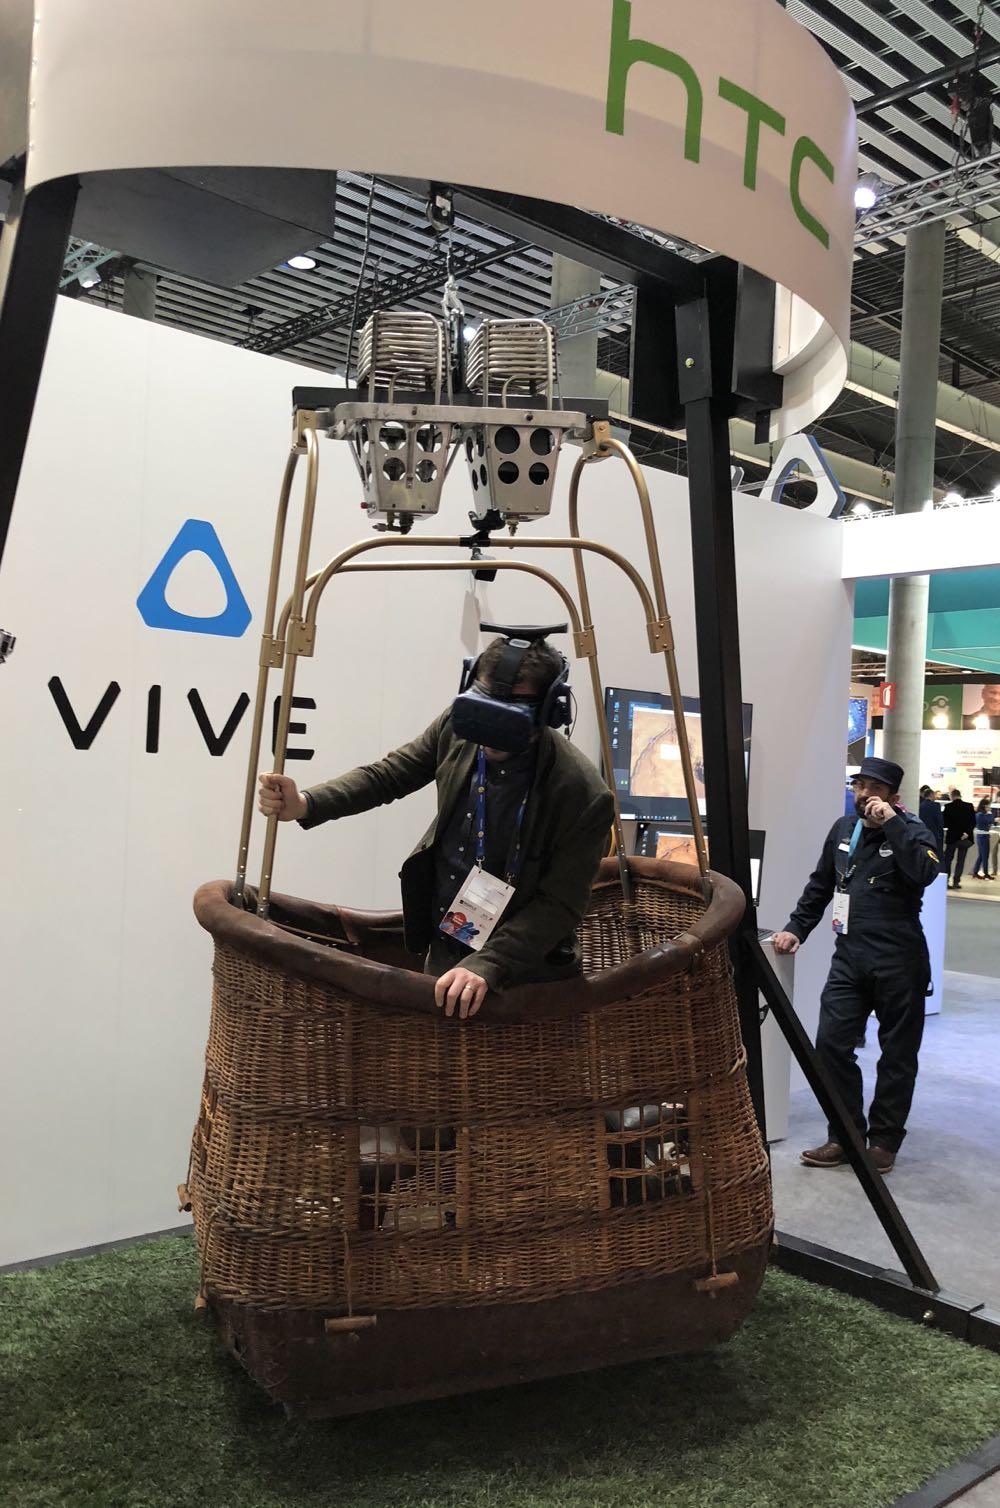 Riding a virtual hot air balloon